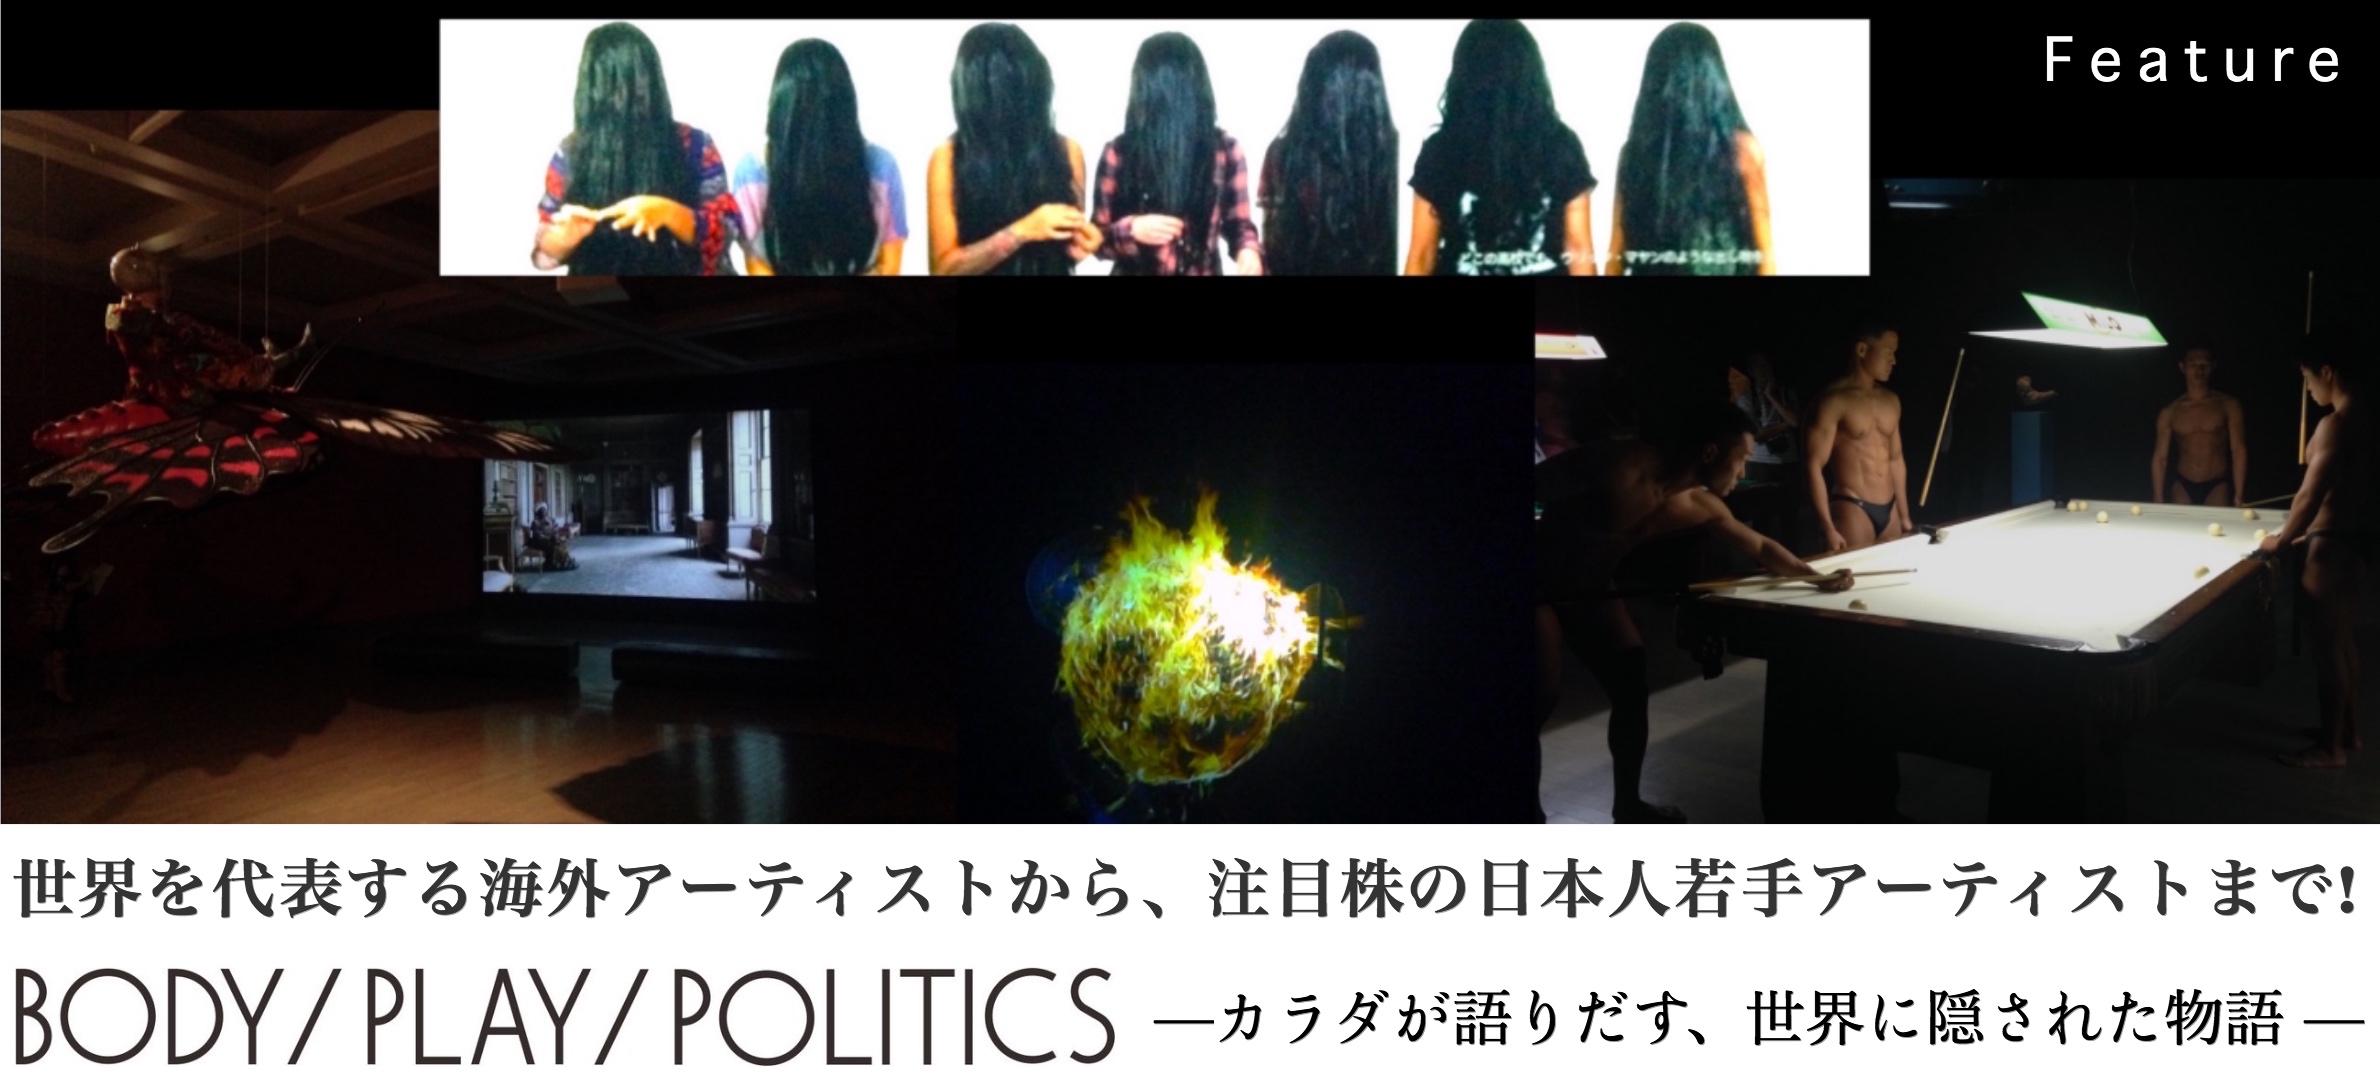 世界を代表する海外アーティストから、注目株の日本人若手アーティストまで!  BODY/PLAY/PO